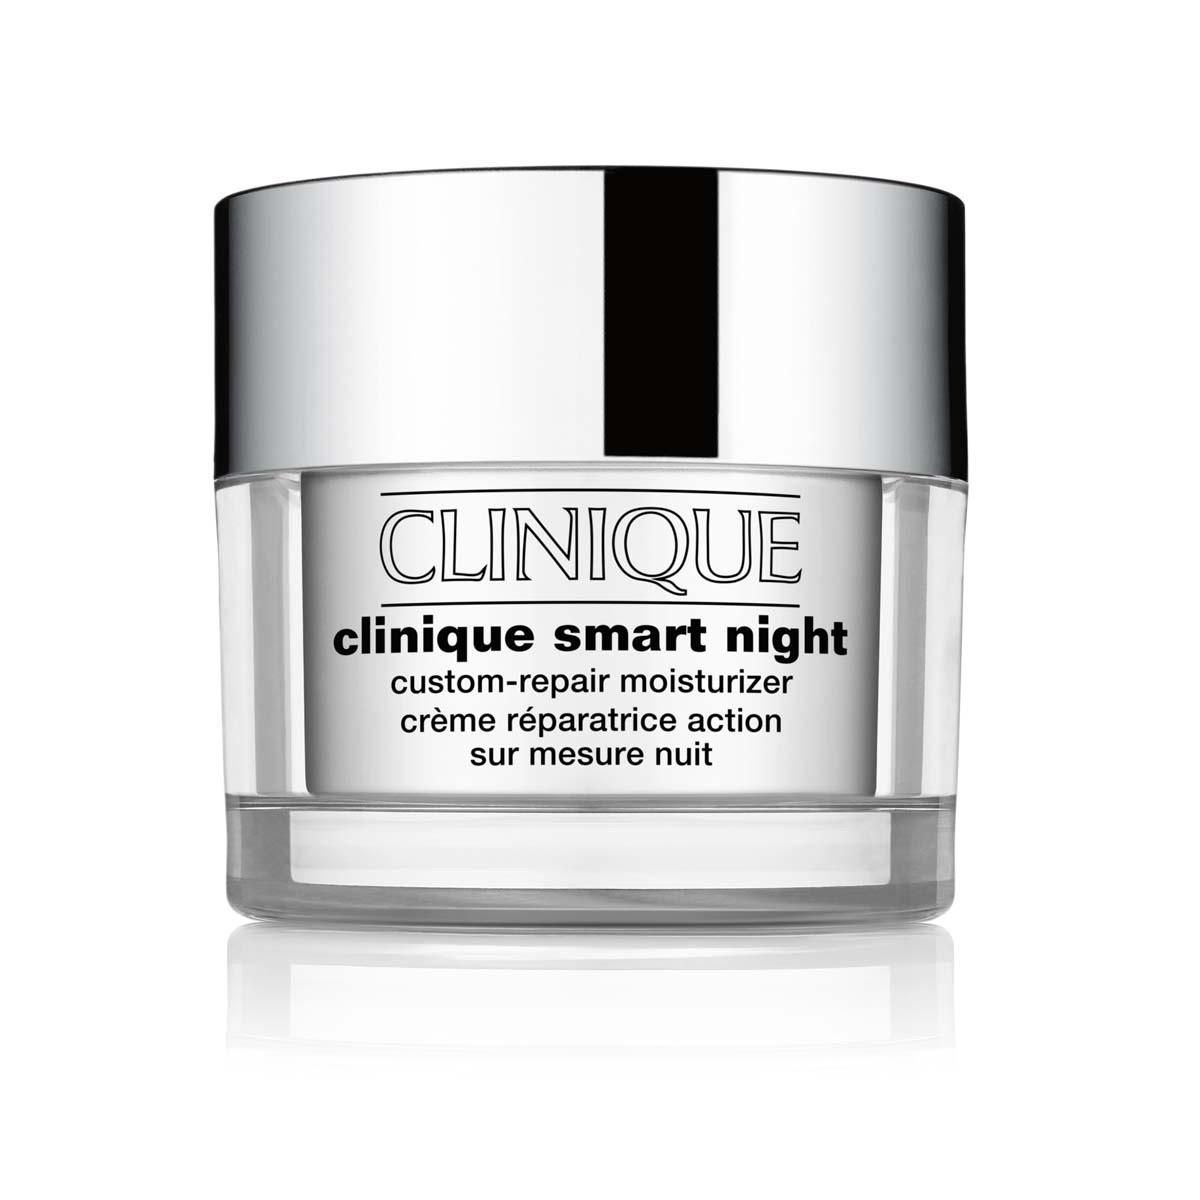 Clinique smart night 50 ml, Grigio, large image number 0